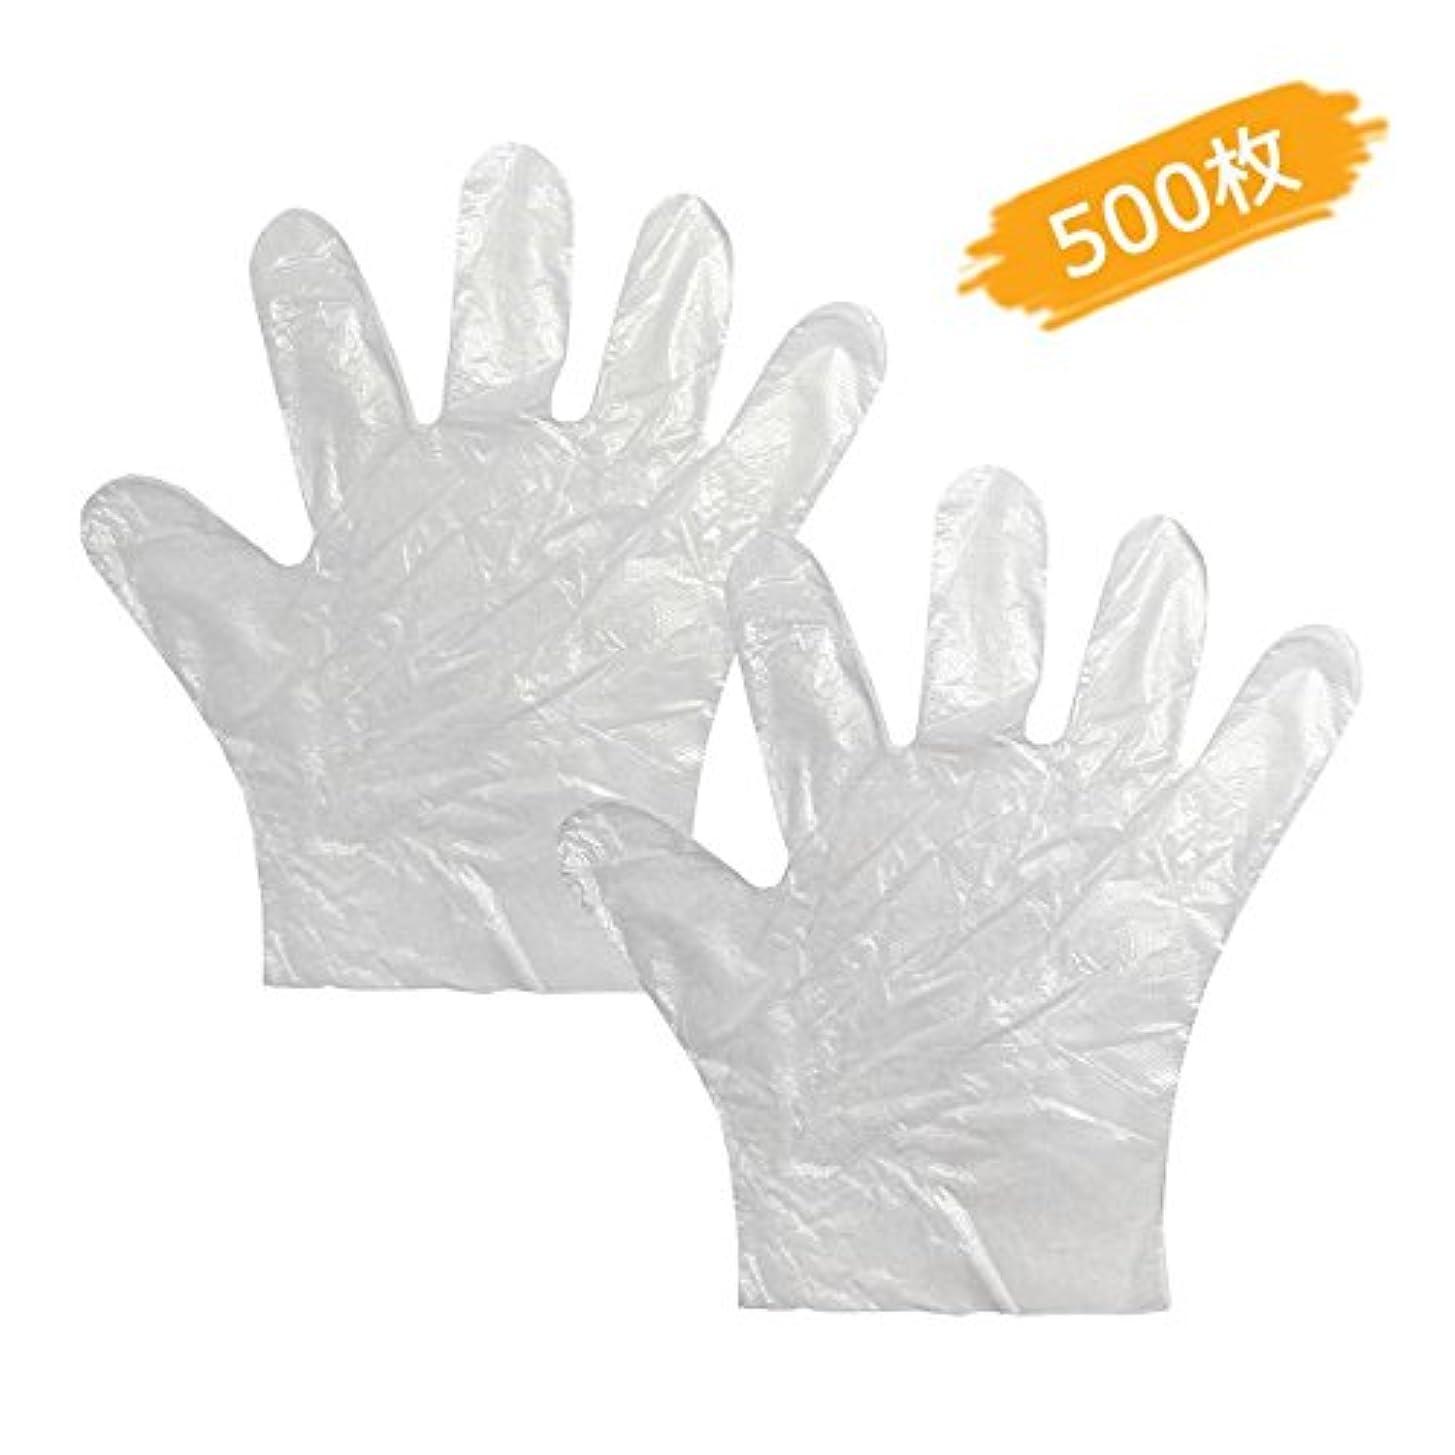 パプアニューギニアレジデンス枠使い捨て手袋 プラスティック手袋 極薄ビニール手袋 調理 透明 実用 500枚入